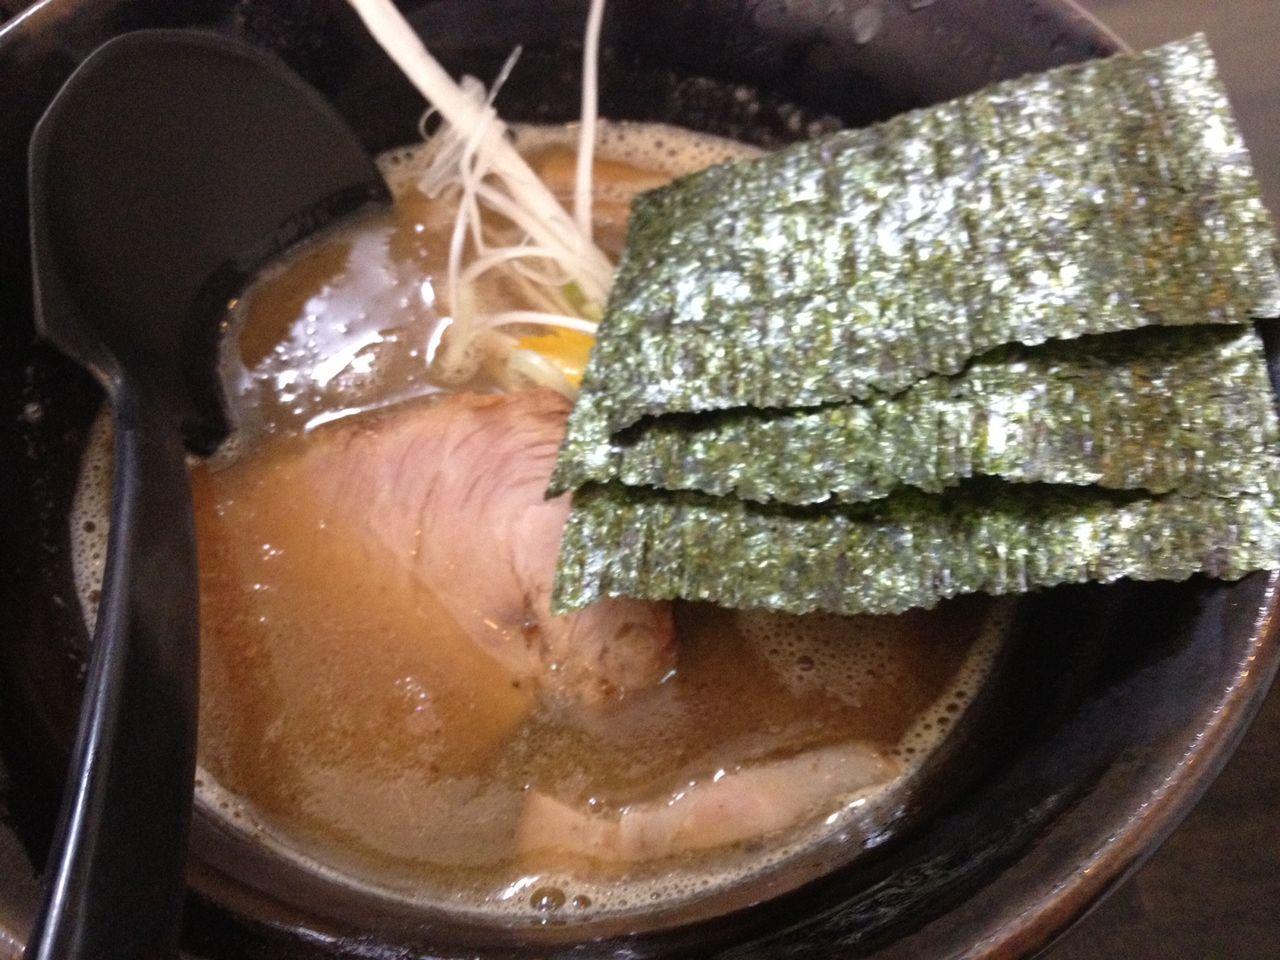 蕎麦とラーメン食べ歩き と読書のブログ                次郎                      次郎                      次郎